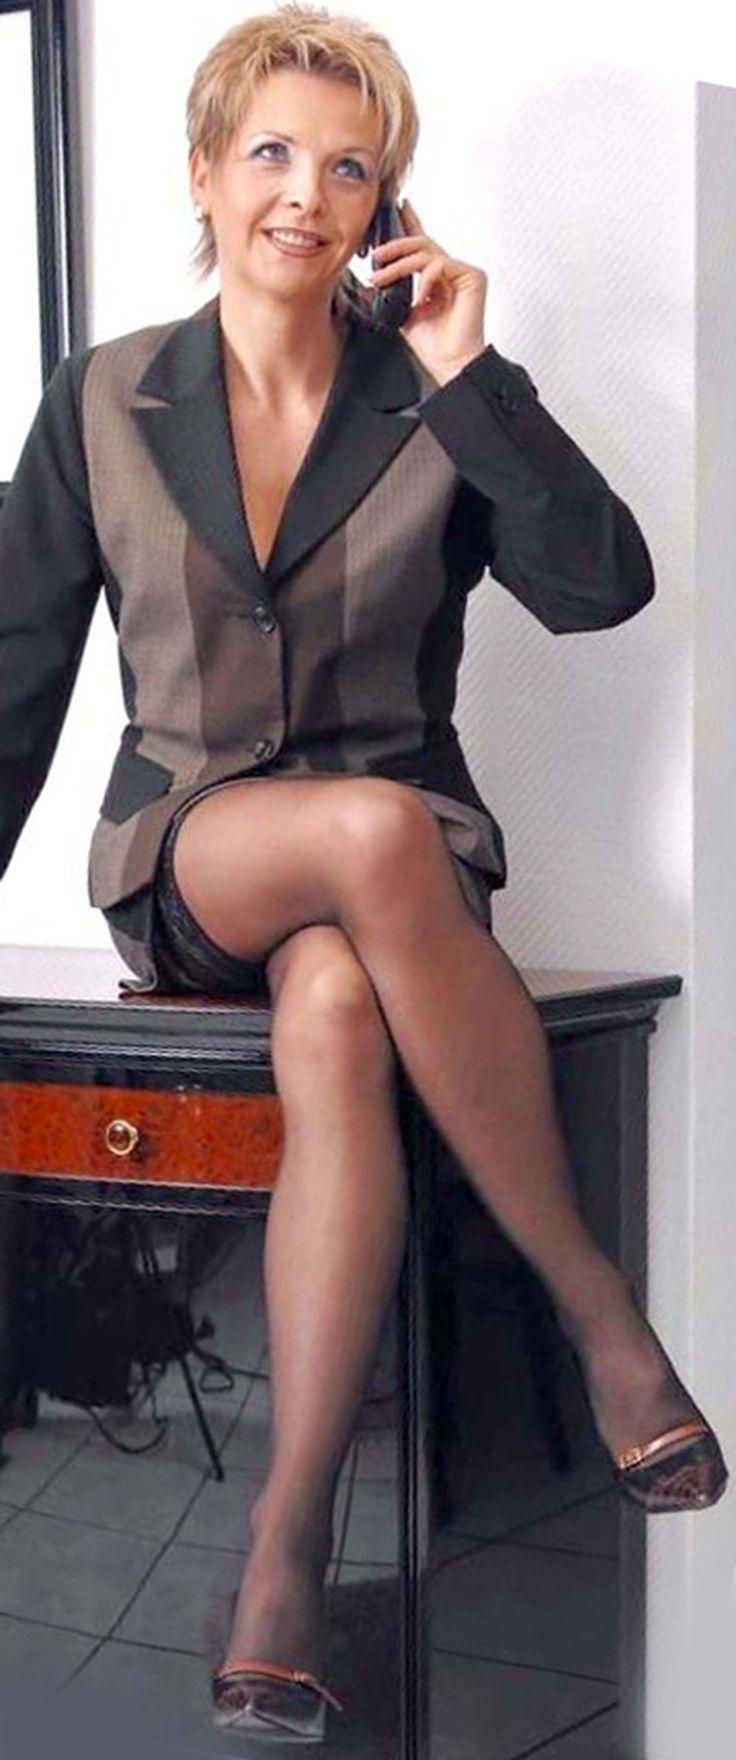 Büro Sex für tätowierte blonde Sekretärin Fit XXX Sandy